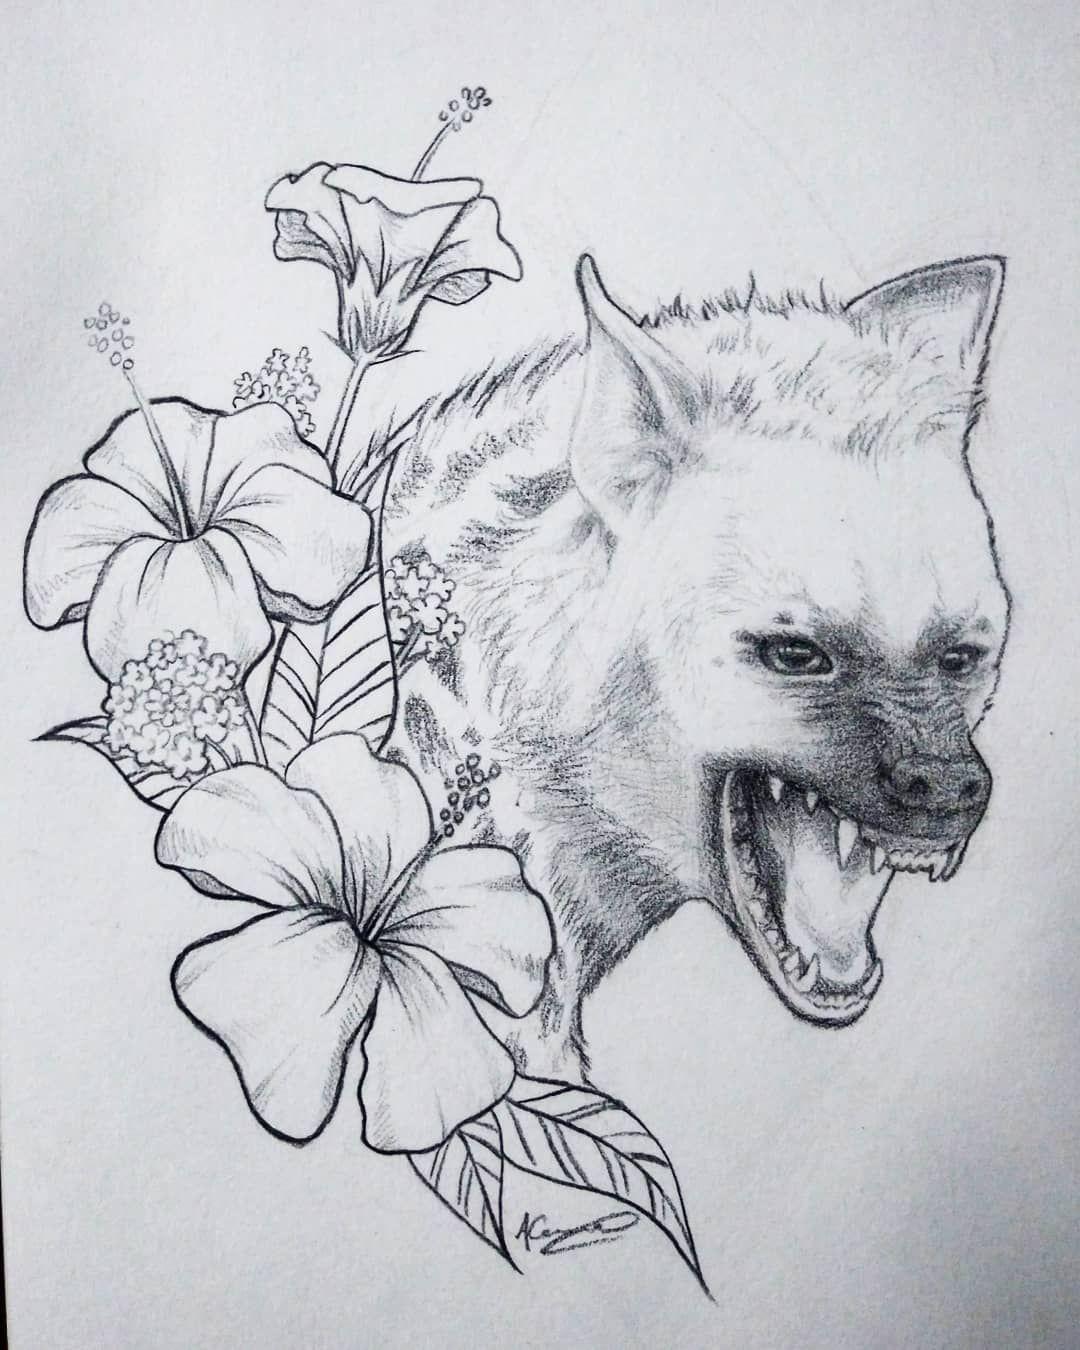 #sketchbook #drawing #art #tattoodesign #hyena #animal #blackandgrey #floral